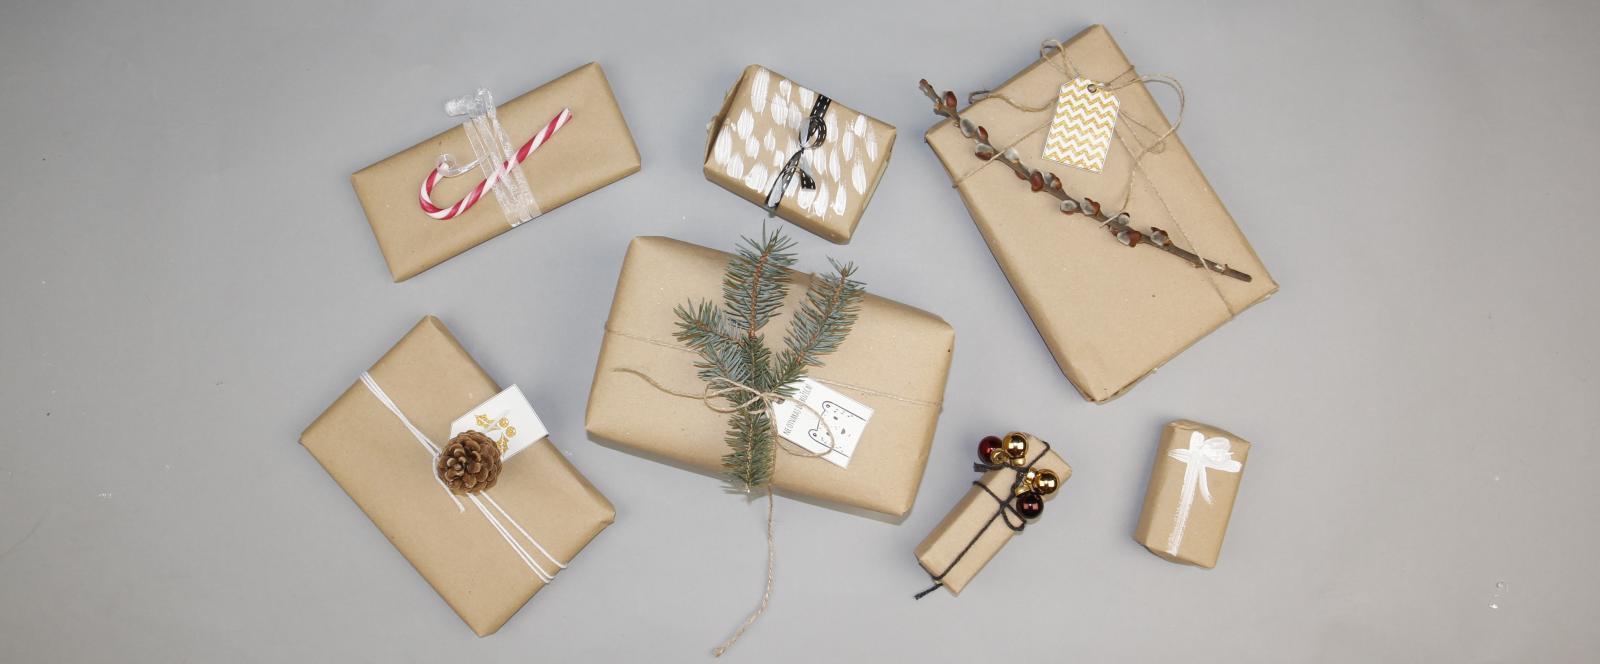 Zar ne bi bilo lijepo da dobijete jedan ovako omotan poklon?